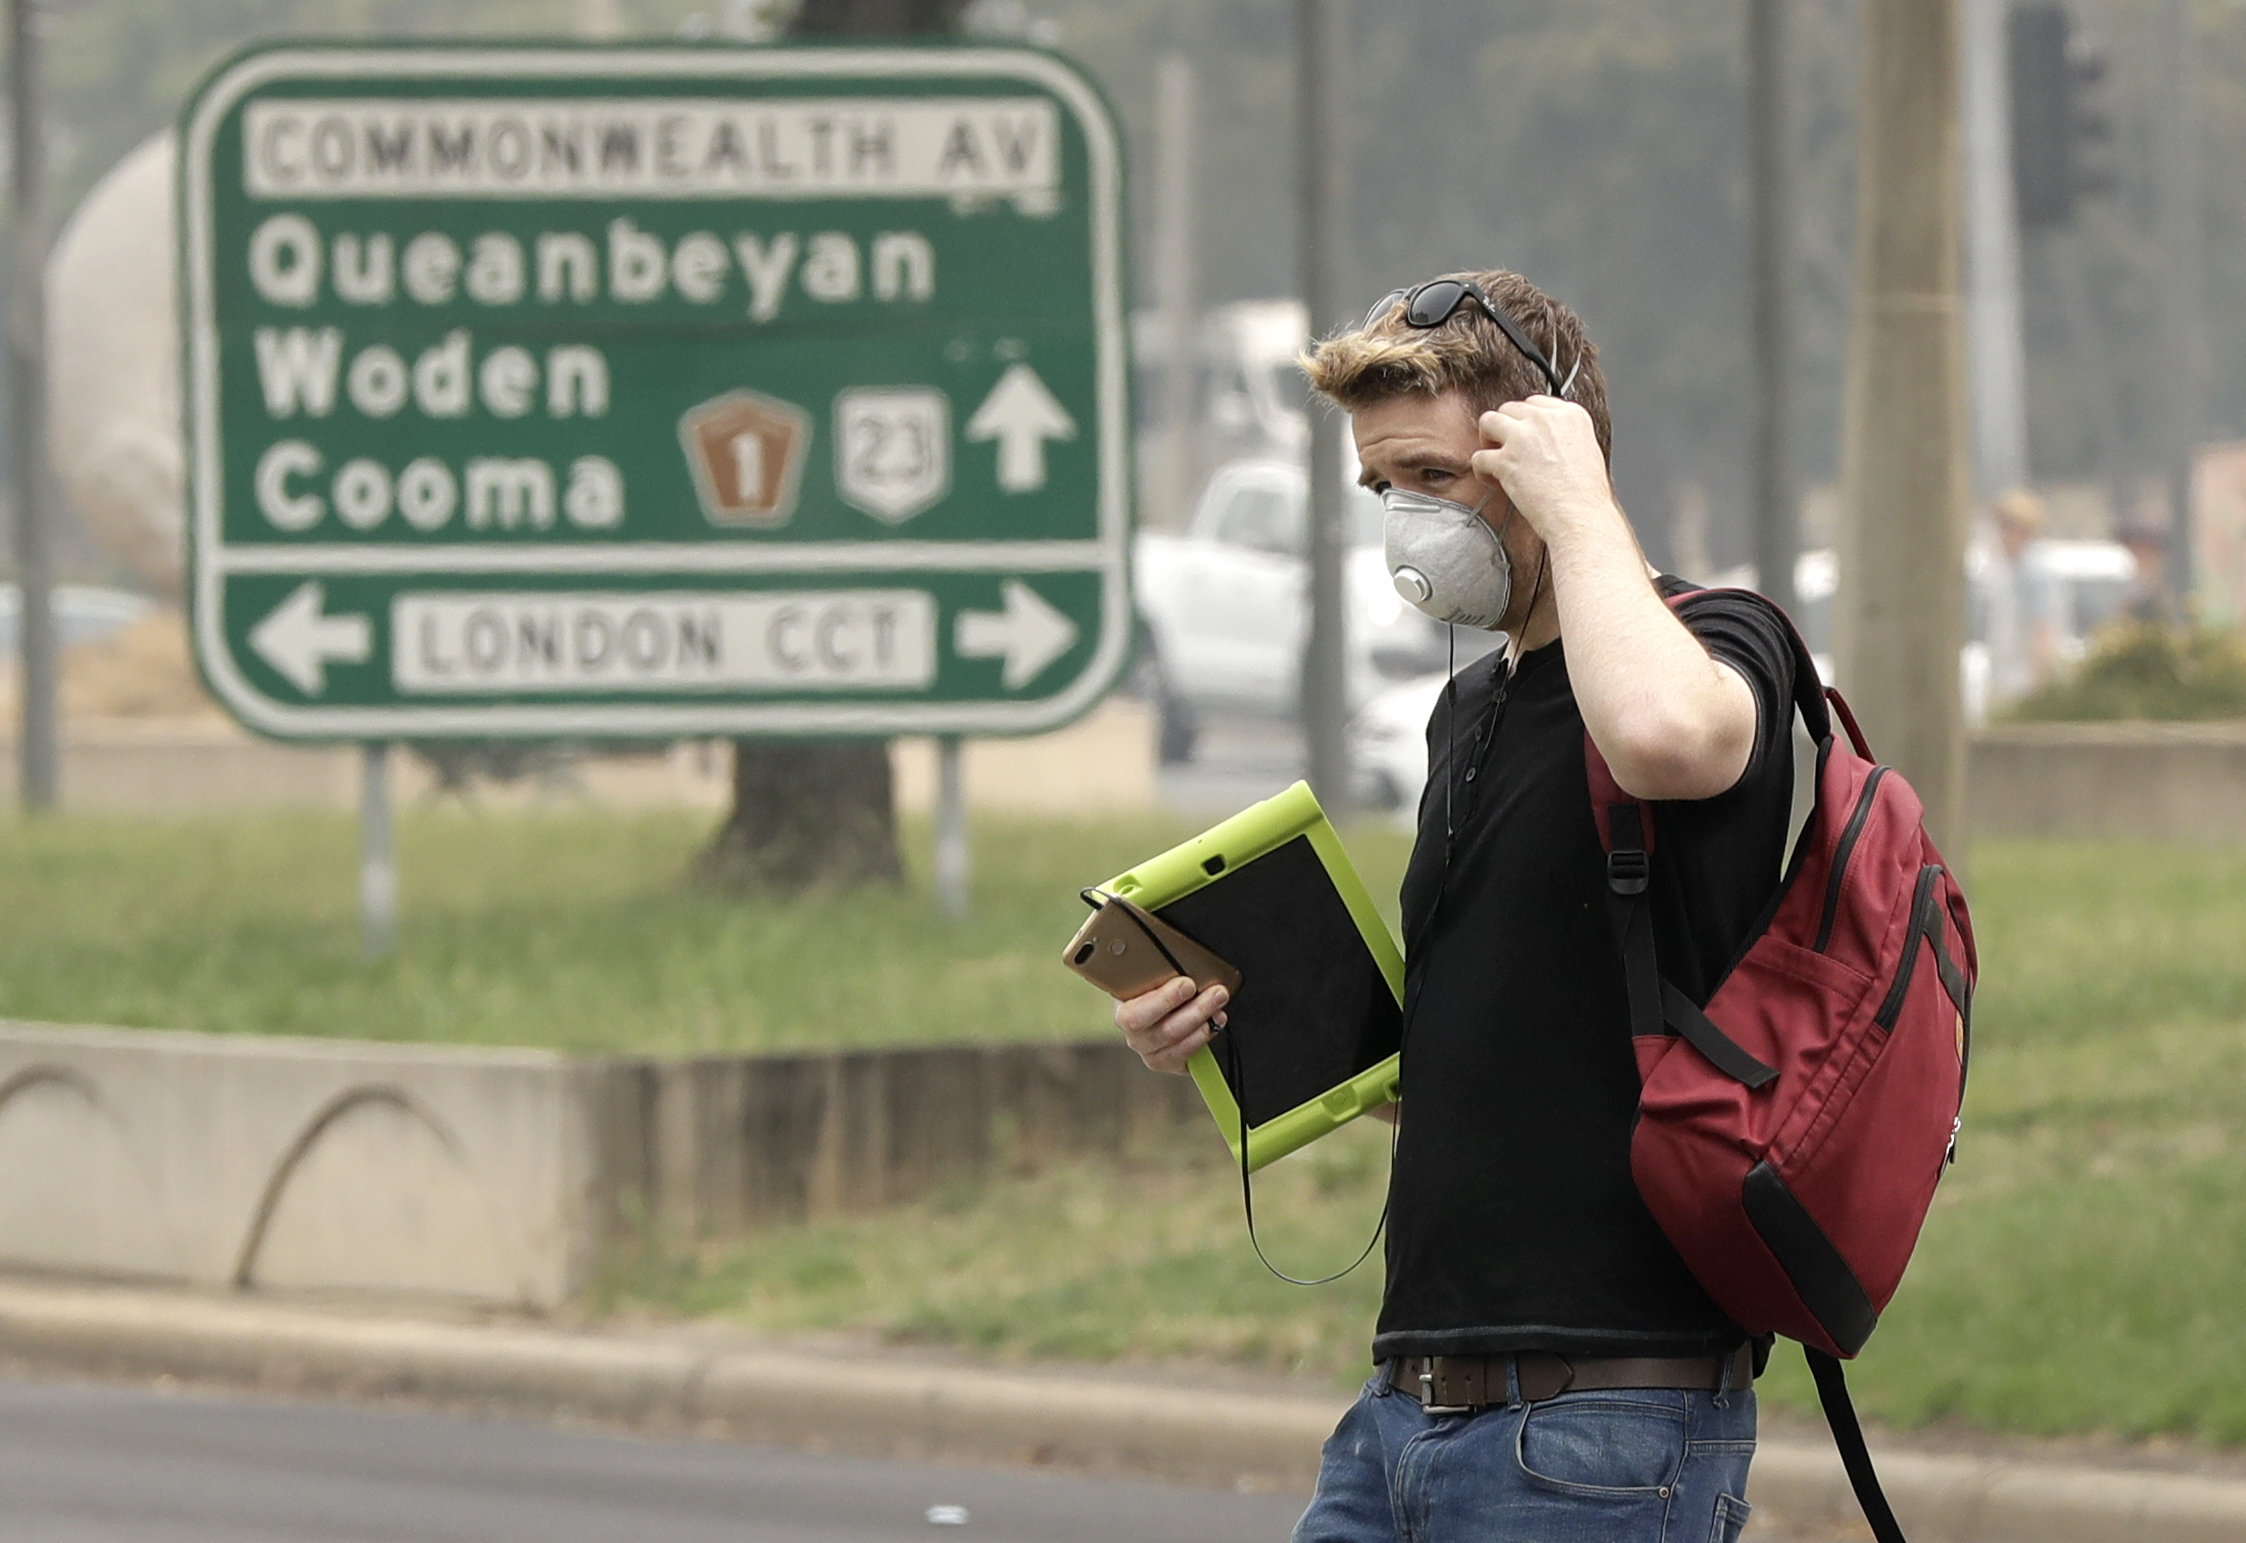 Some flee, others restock before Australian wildfires worsen